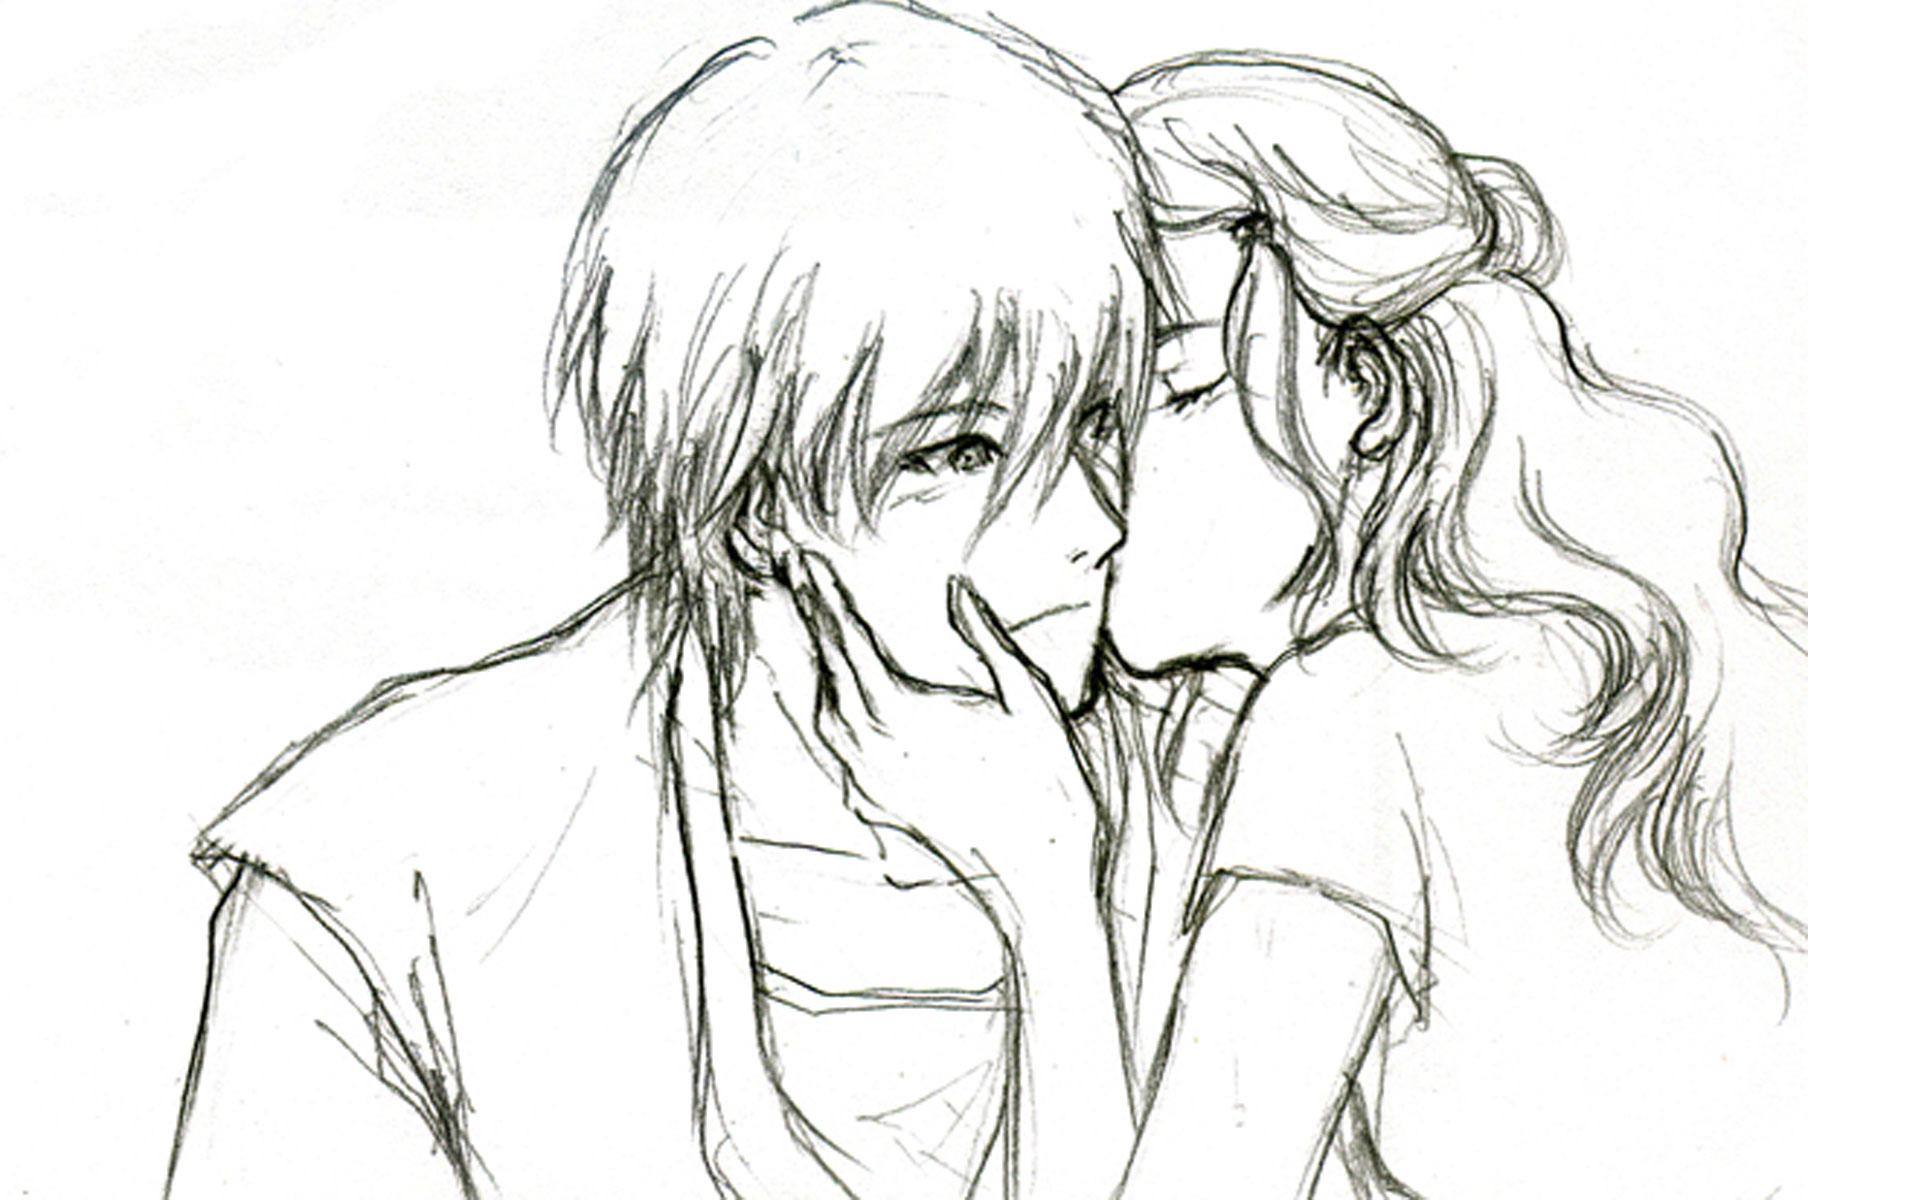 1920x1200 Boy Girl Friendship Pencil Sketch Boys And Girls Friendship Pencil